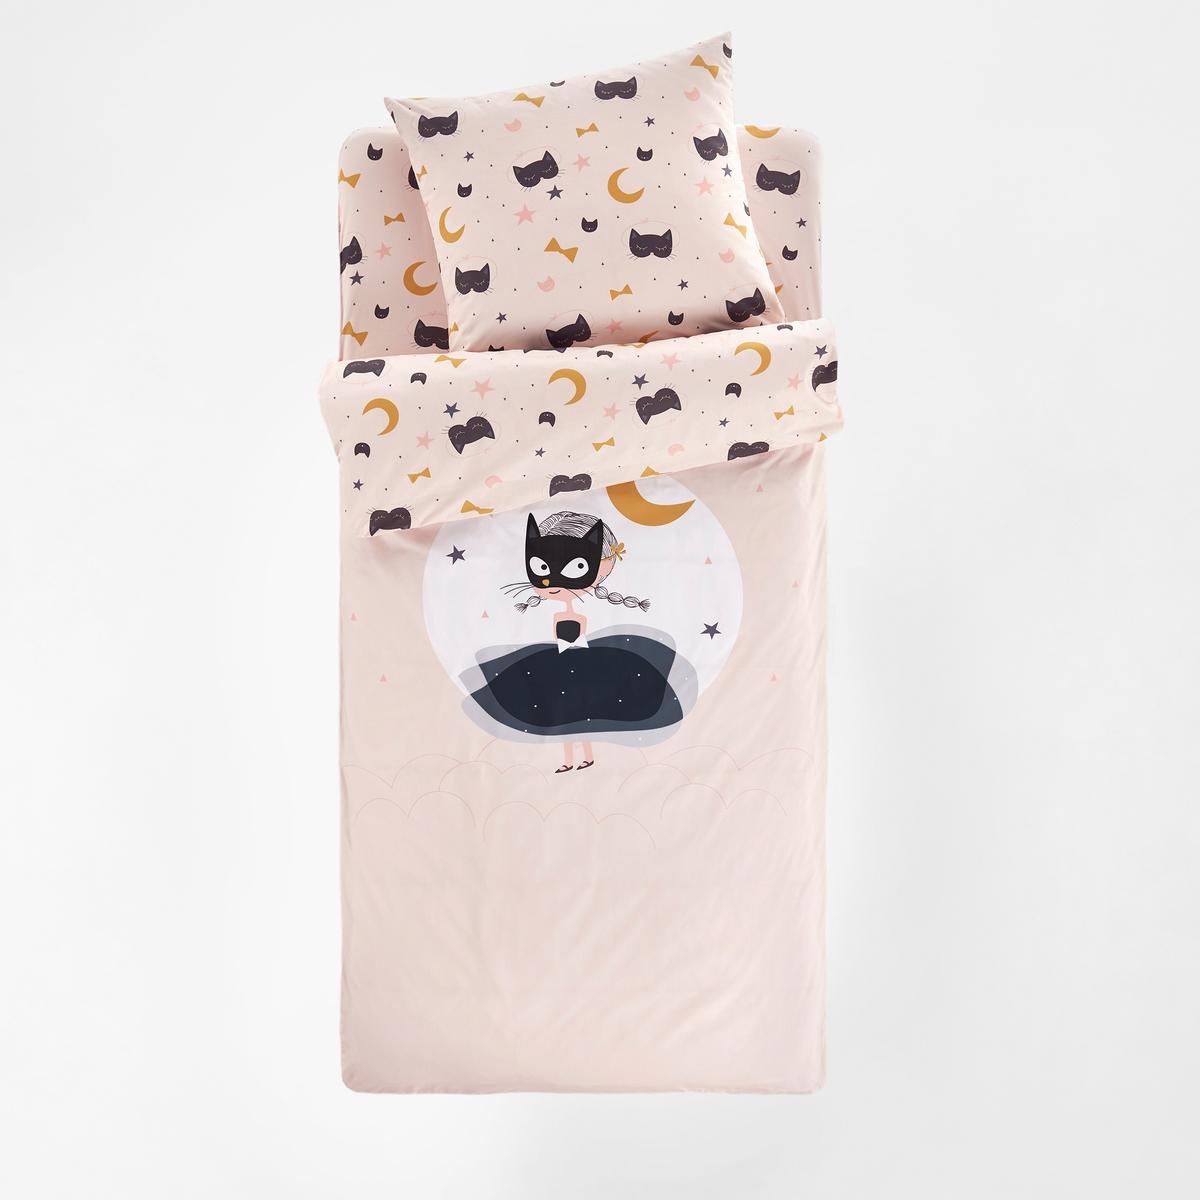 Комплект постельного белья с одеялом La Redoute CAT OPERA 90 x 190 см розовый наволочка la redoute из хлопка urban graph 63 x 63 см серый